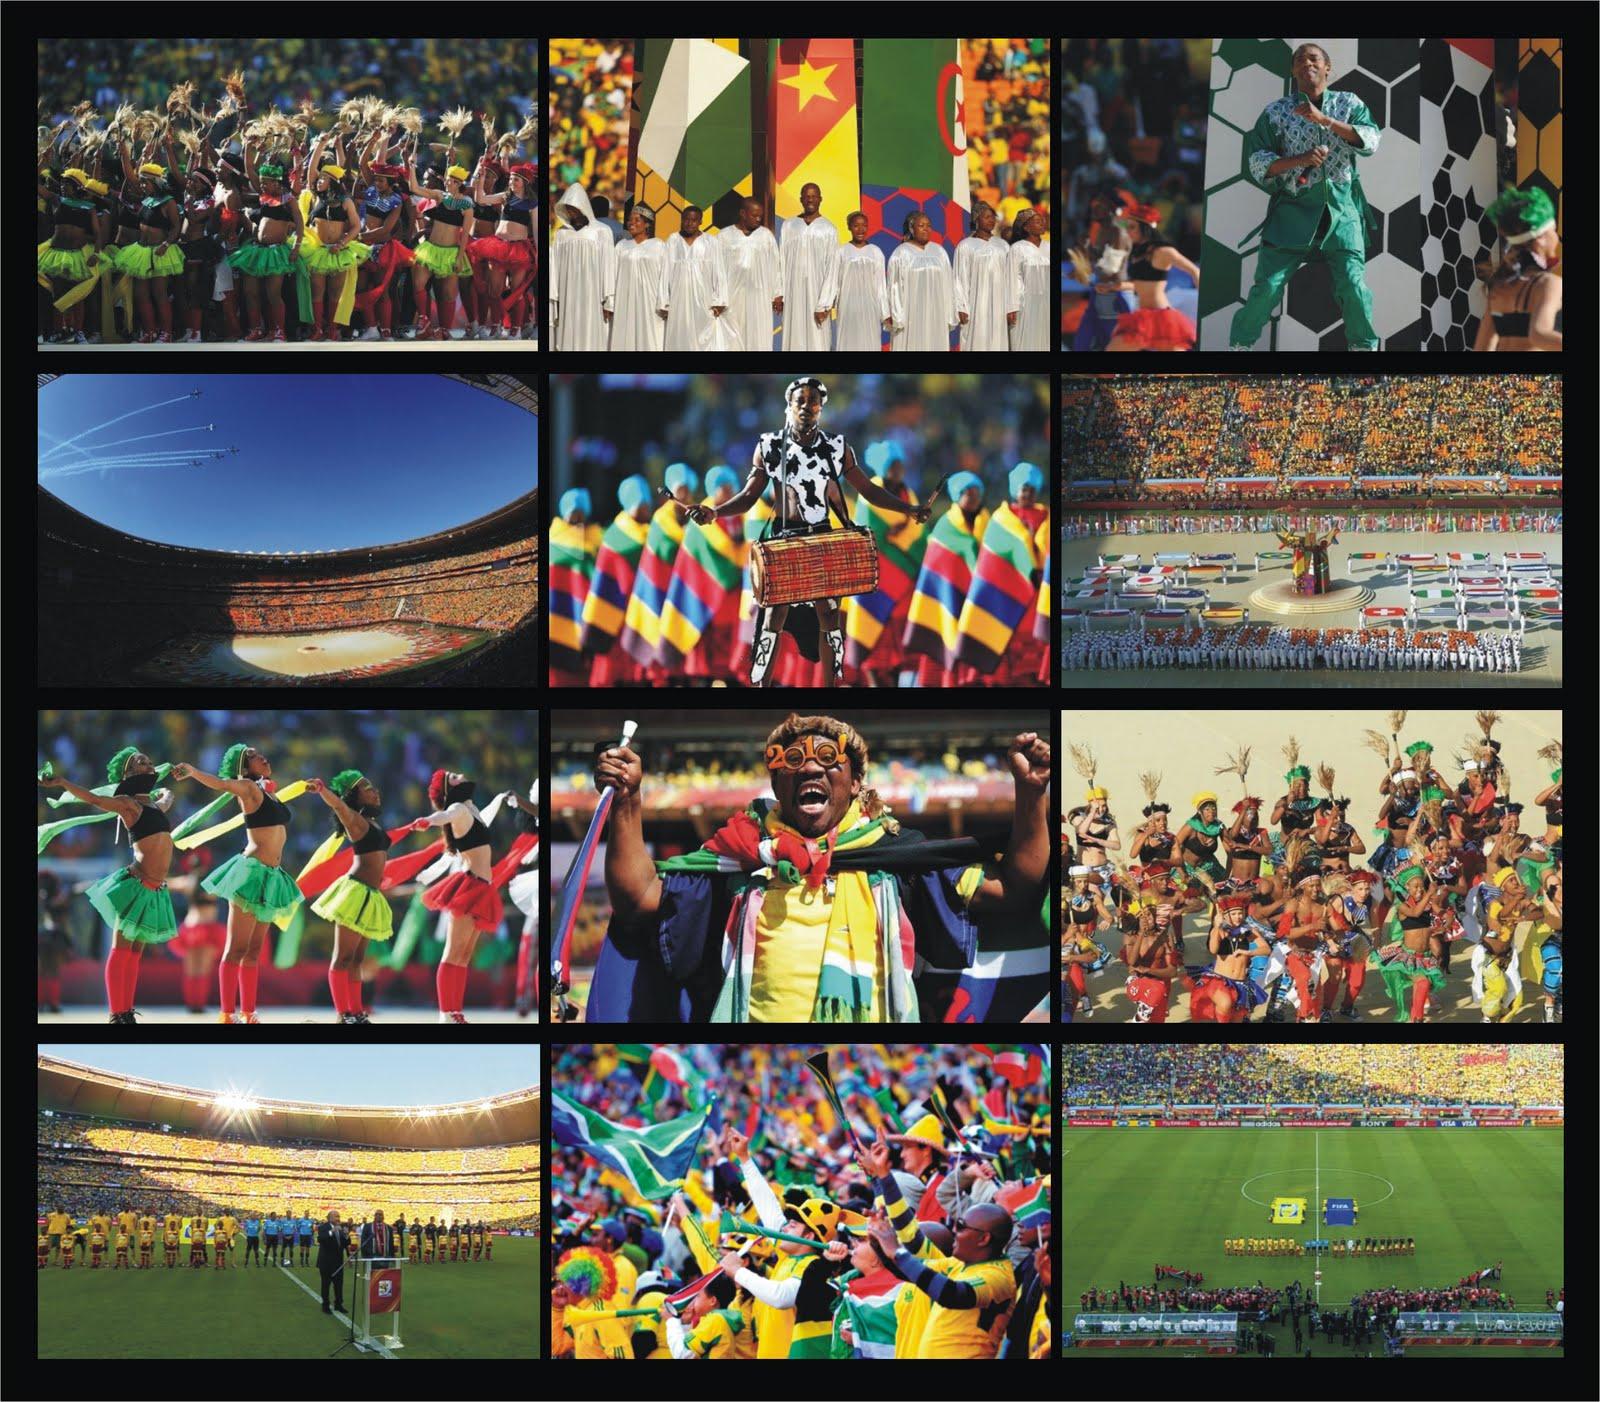 LA PELOTA NO DOBLA: Mundial Sudáfrica 2010: Ceremonia ...